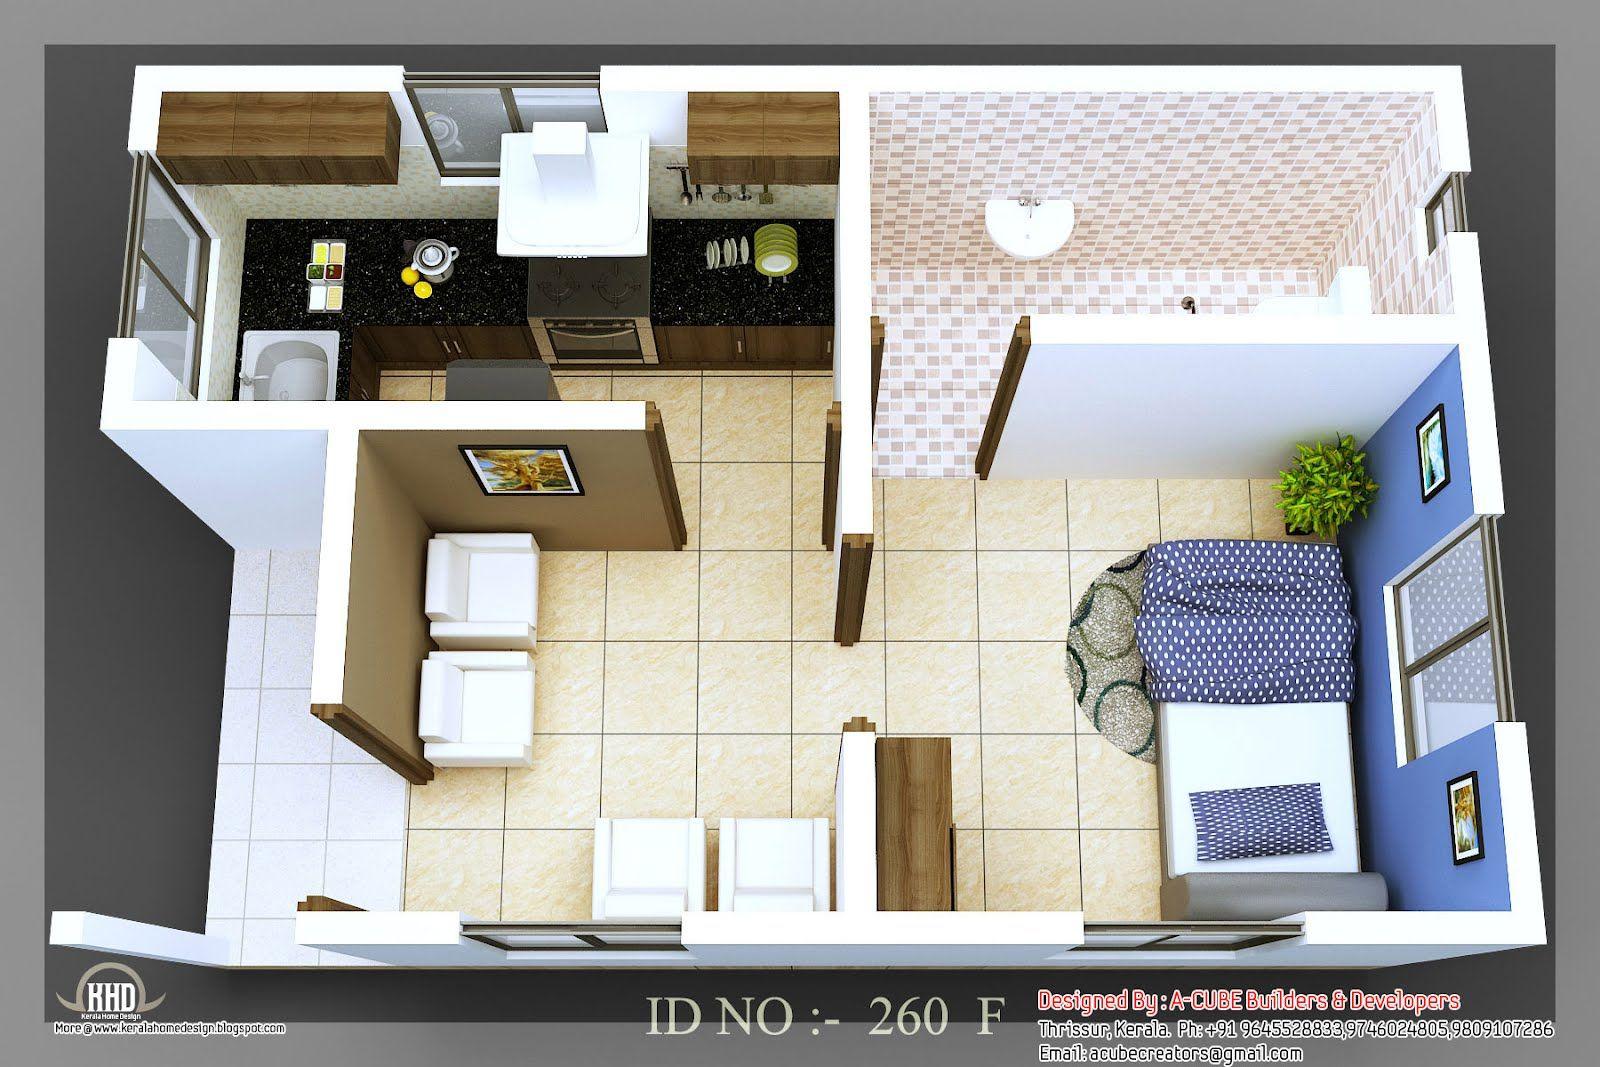 3d Haus Design, Home Design Pläne, Haus Design, Design Blogs, Winziges Haus  Grundriss, Design Für Kleines Haus, Haus Layouts, Kleine Haushaltspläne, ...